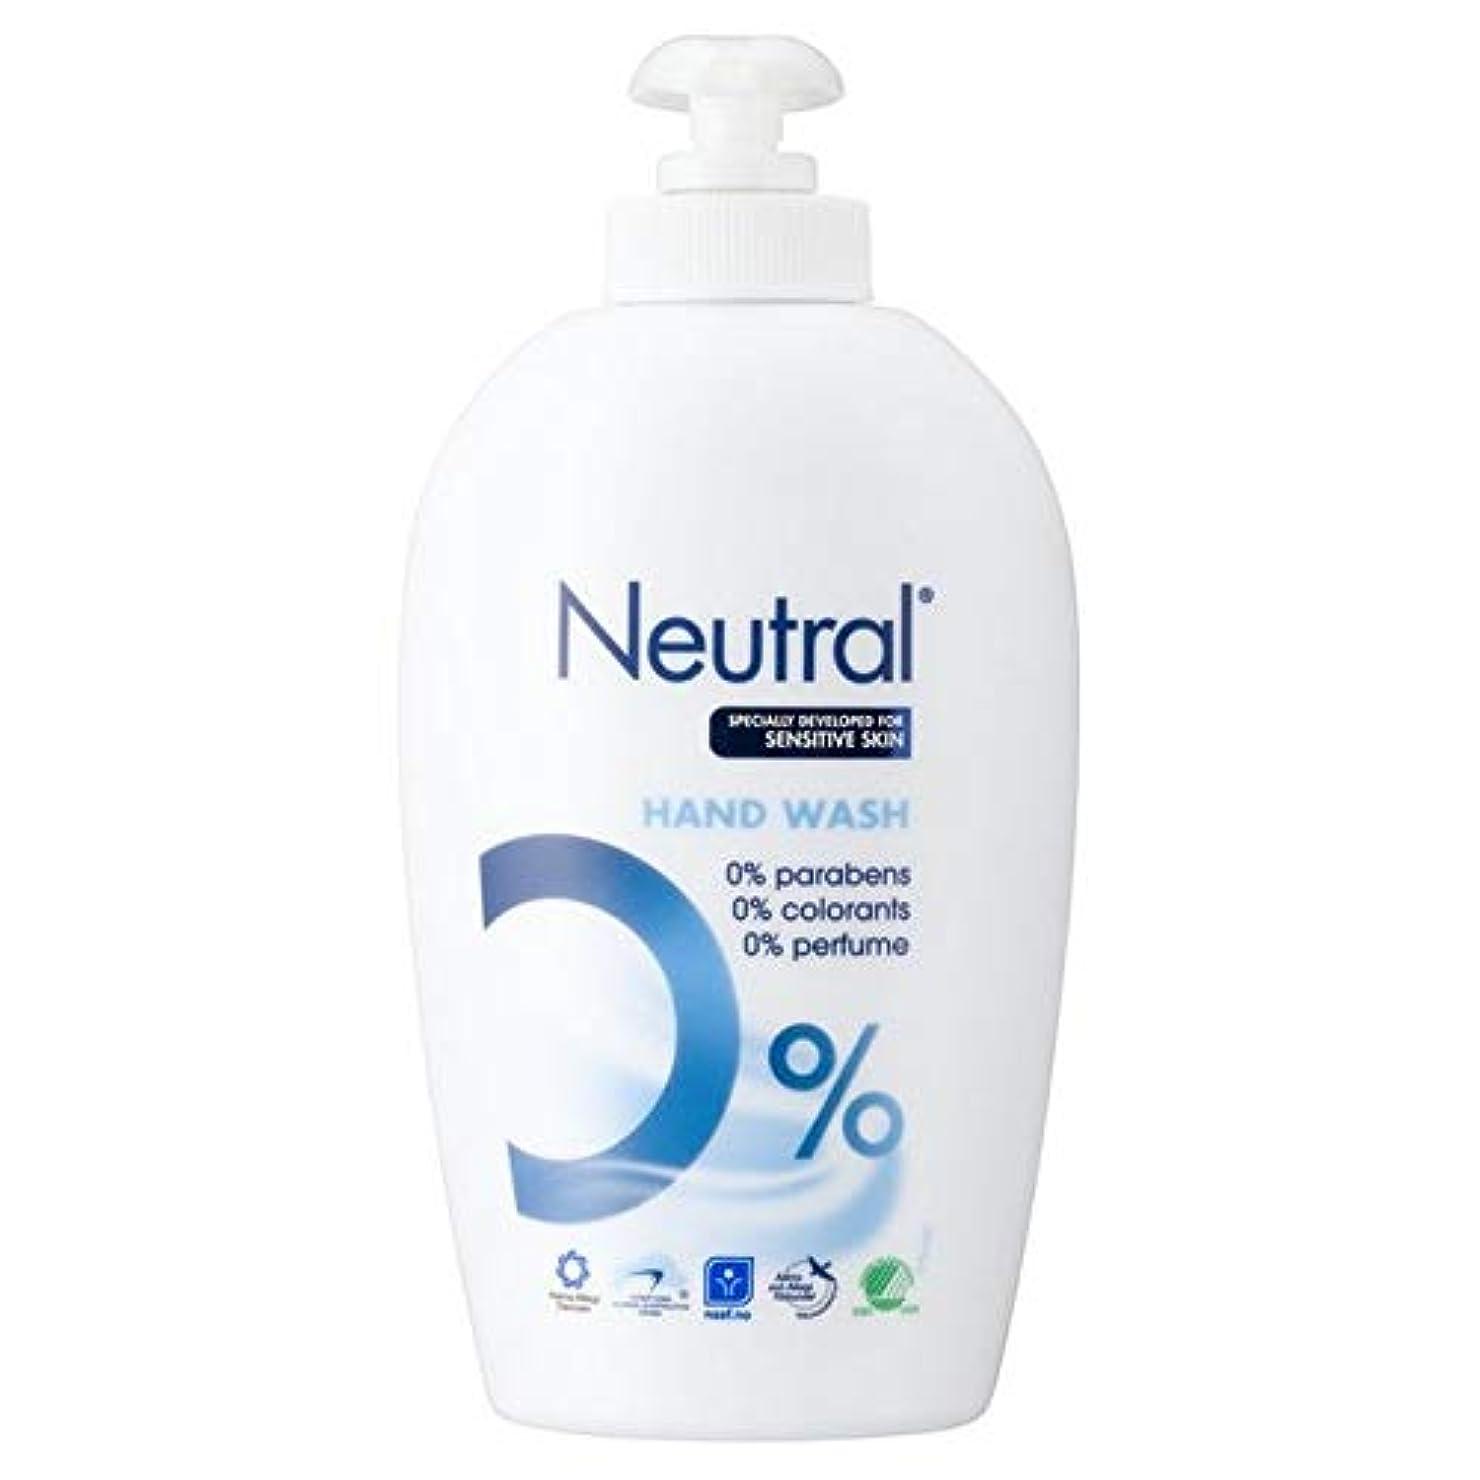 バスタブピケ上流の[Neutral ] ニュートラル0%のハンドウォッシュ250ミリリットル - Neutral 0% Hand Wash 250ml [並行輸入品]